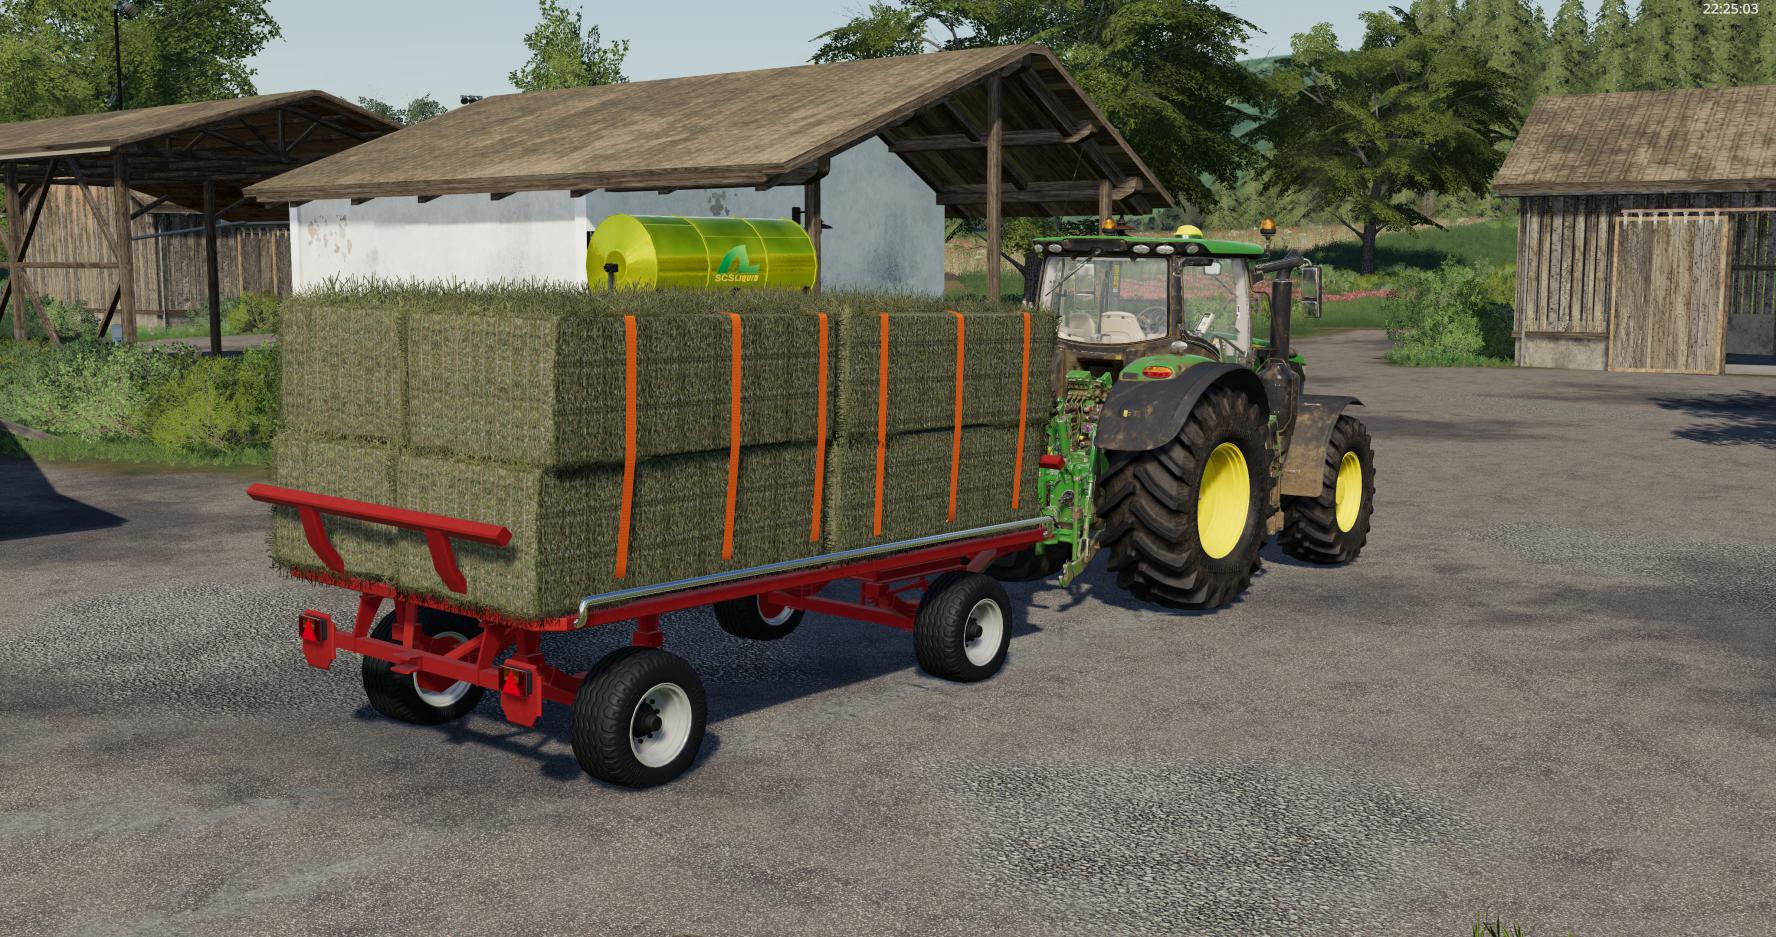 Krone Emsland Ballen Wagon v1 0 FS19 - Farming Simulator 19 Mod